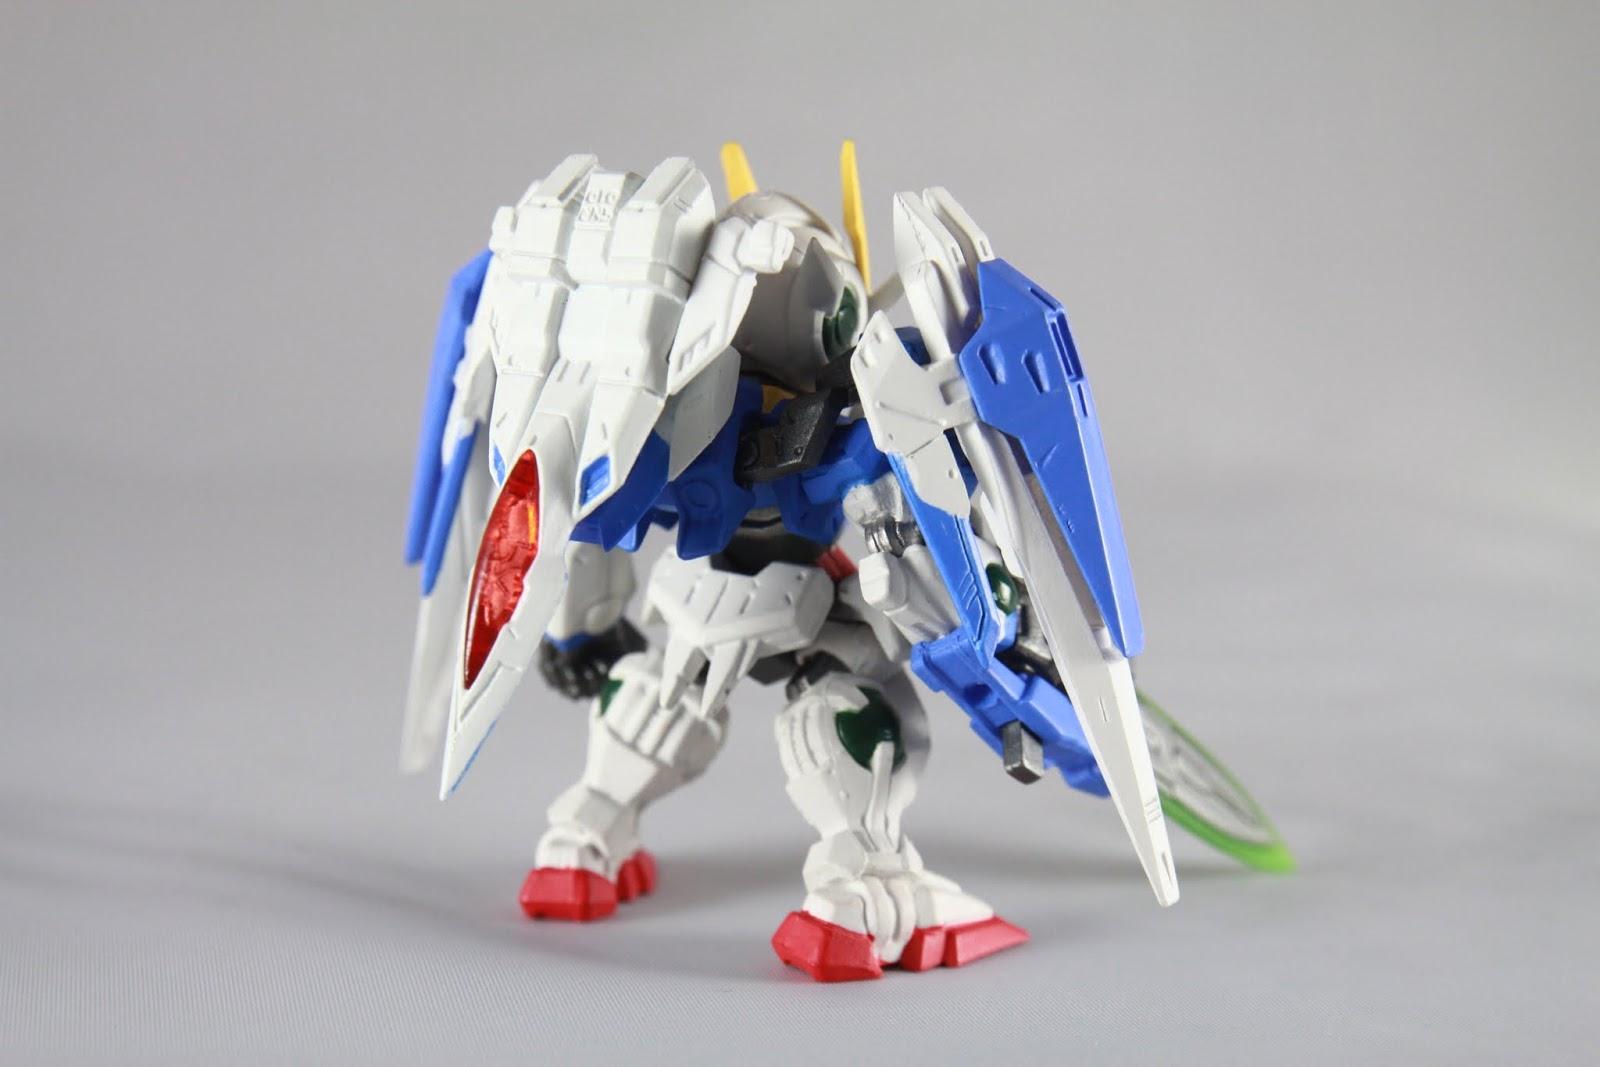 只是整台背在後面也不是鋼彈系列常看到的樣子 就連Super Gundam合體時G Defenser駕駛區塊也是獨立的 並沒有一起合體